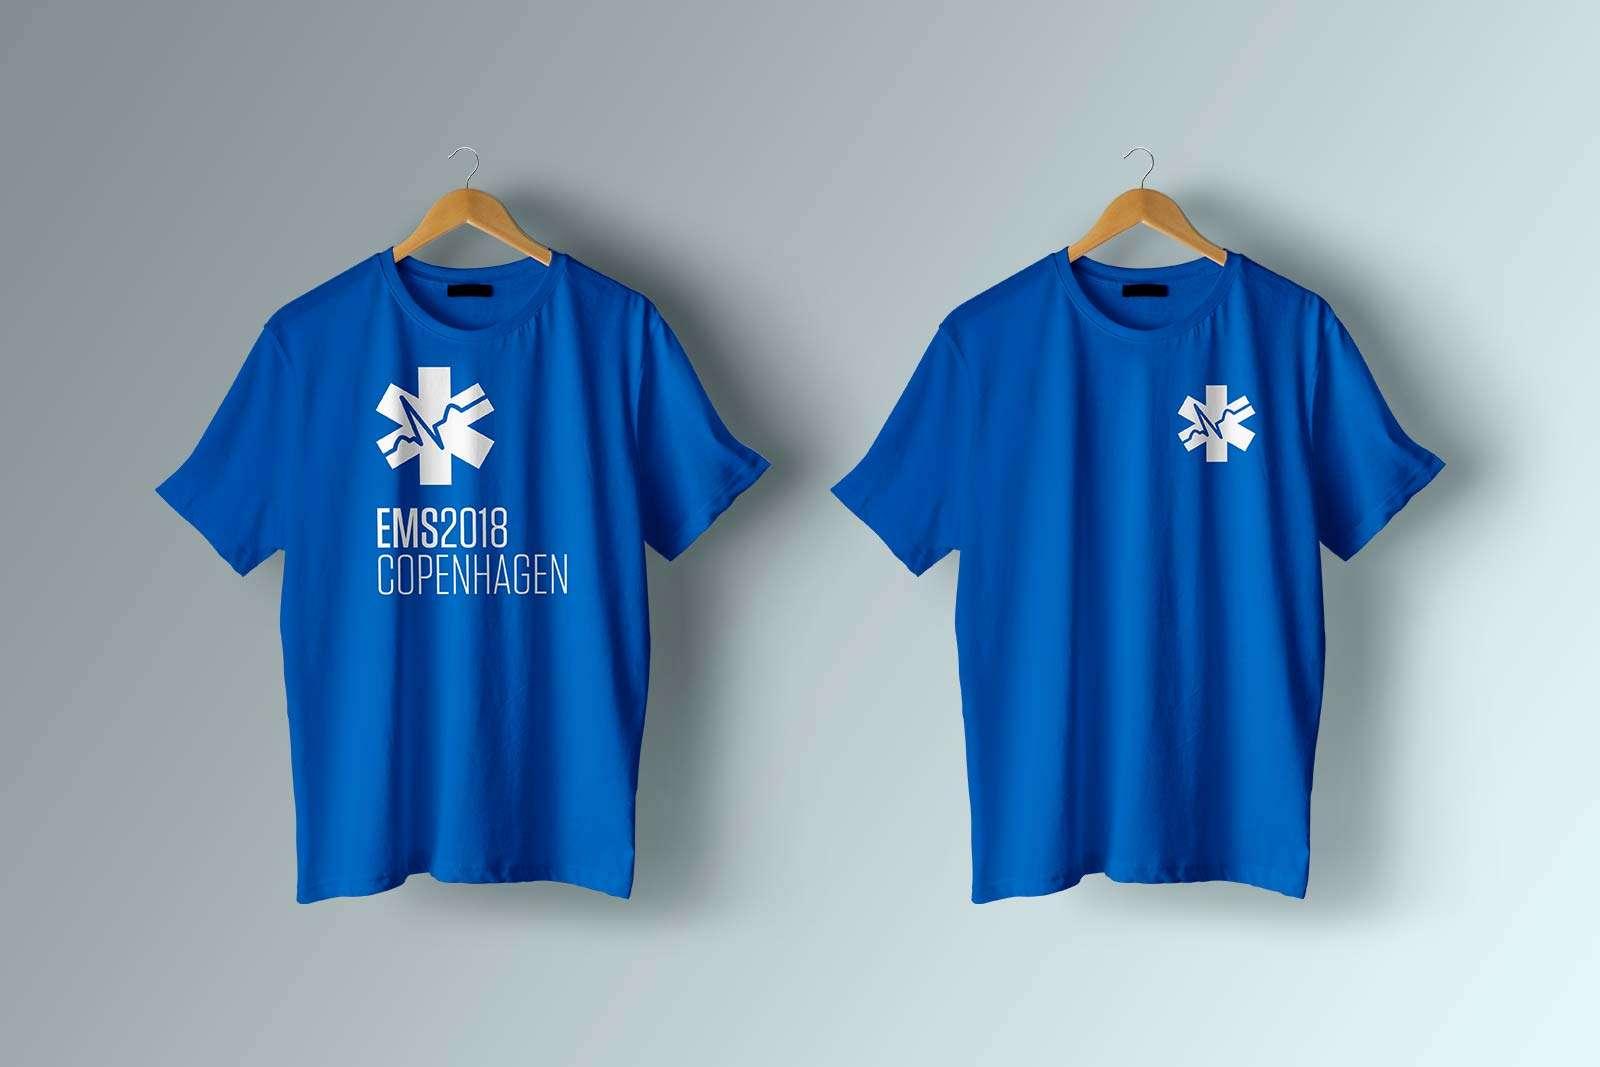 EMS Europe T-shirt design